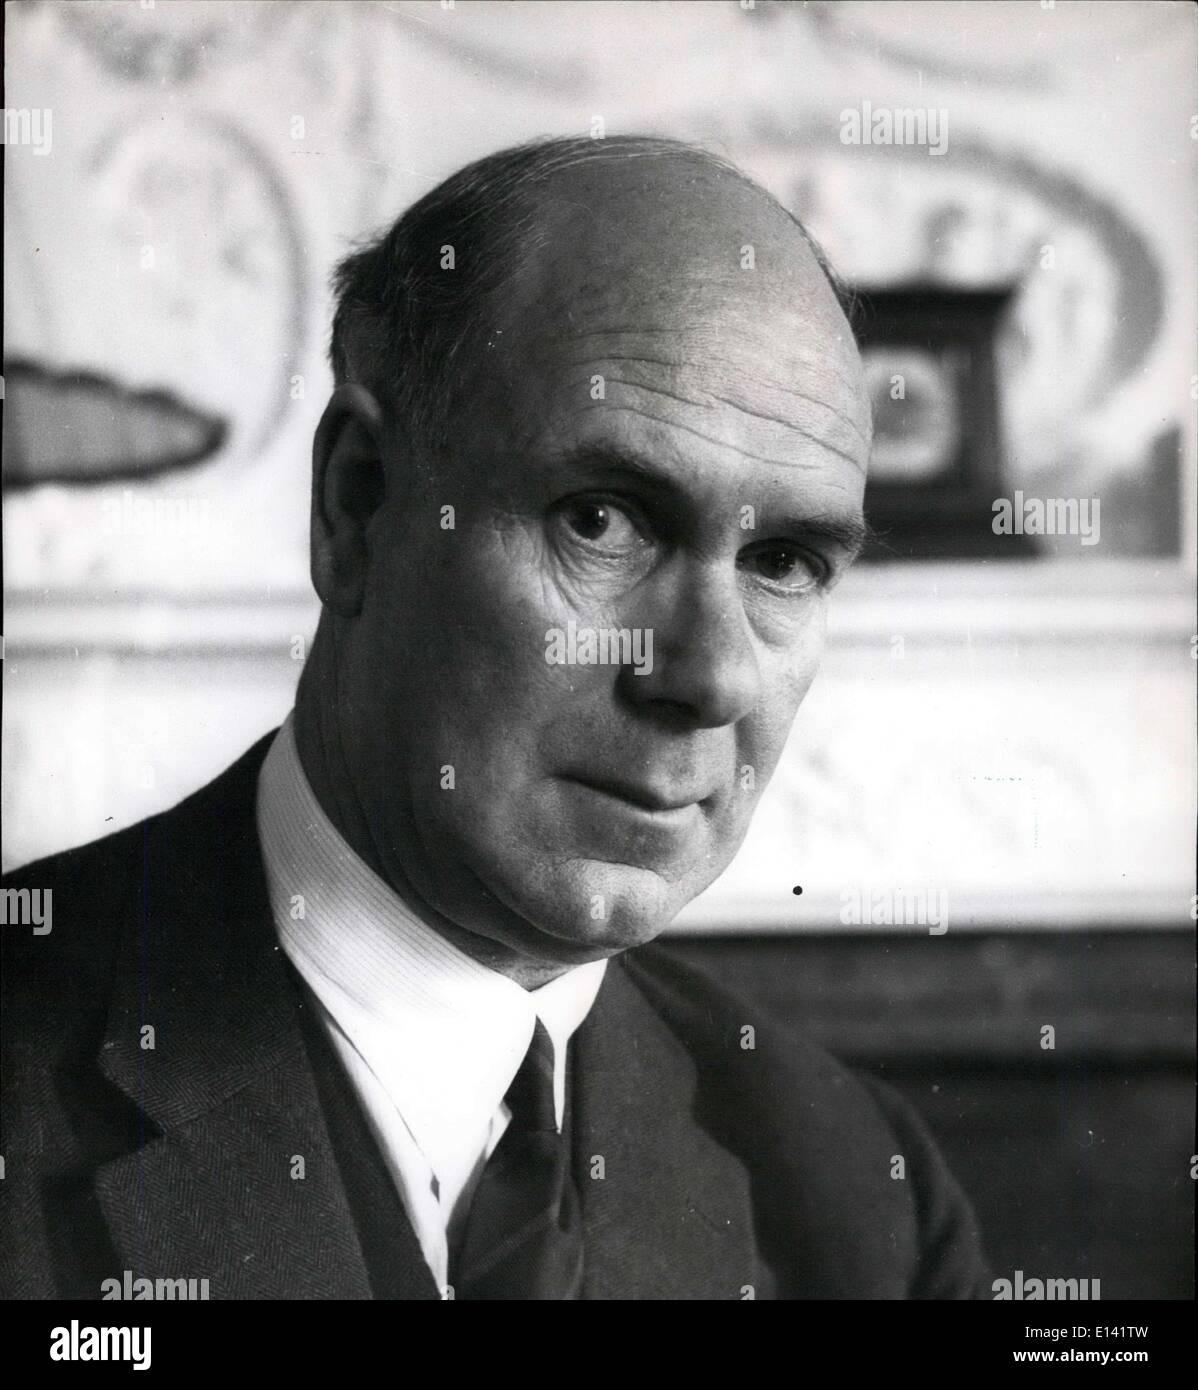 31. März 2012 - Schulleiter der Gordonstoun F.R.G. kauen M.A., war im Stab von Salem und kam nach Gordonstoun Dr. Hahn es gefunden. Gemeinsamen Schulleiter mit Herrn Brebston wurde er als Dr. Hahn in 1953 und alleinige Schulleiter im Ruhestand, da Altyre 1960 geschlossen. Stockbild